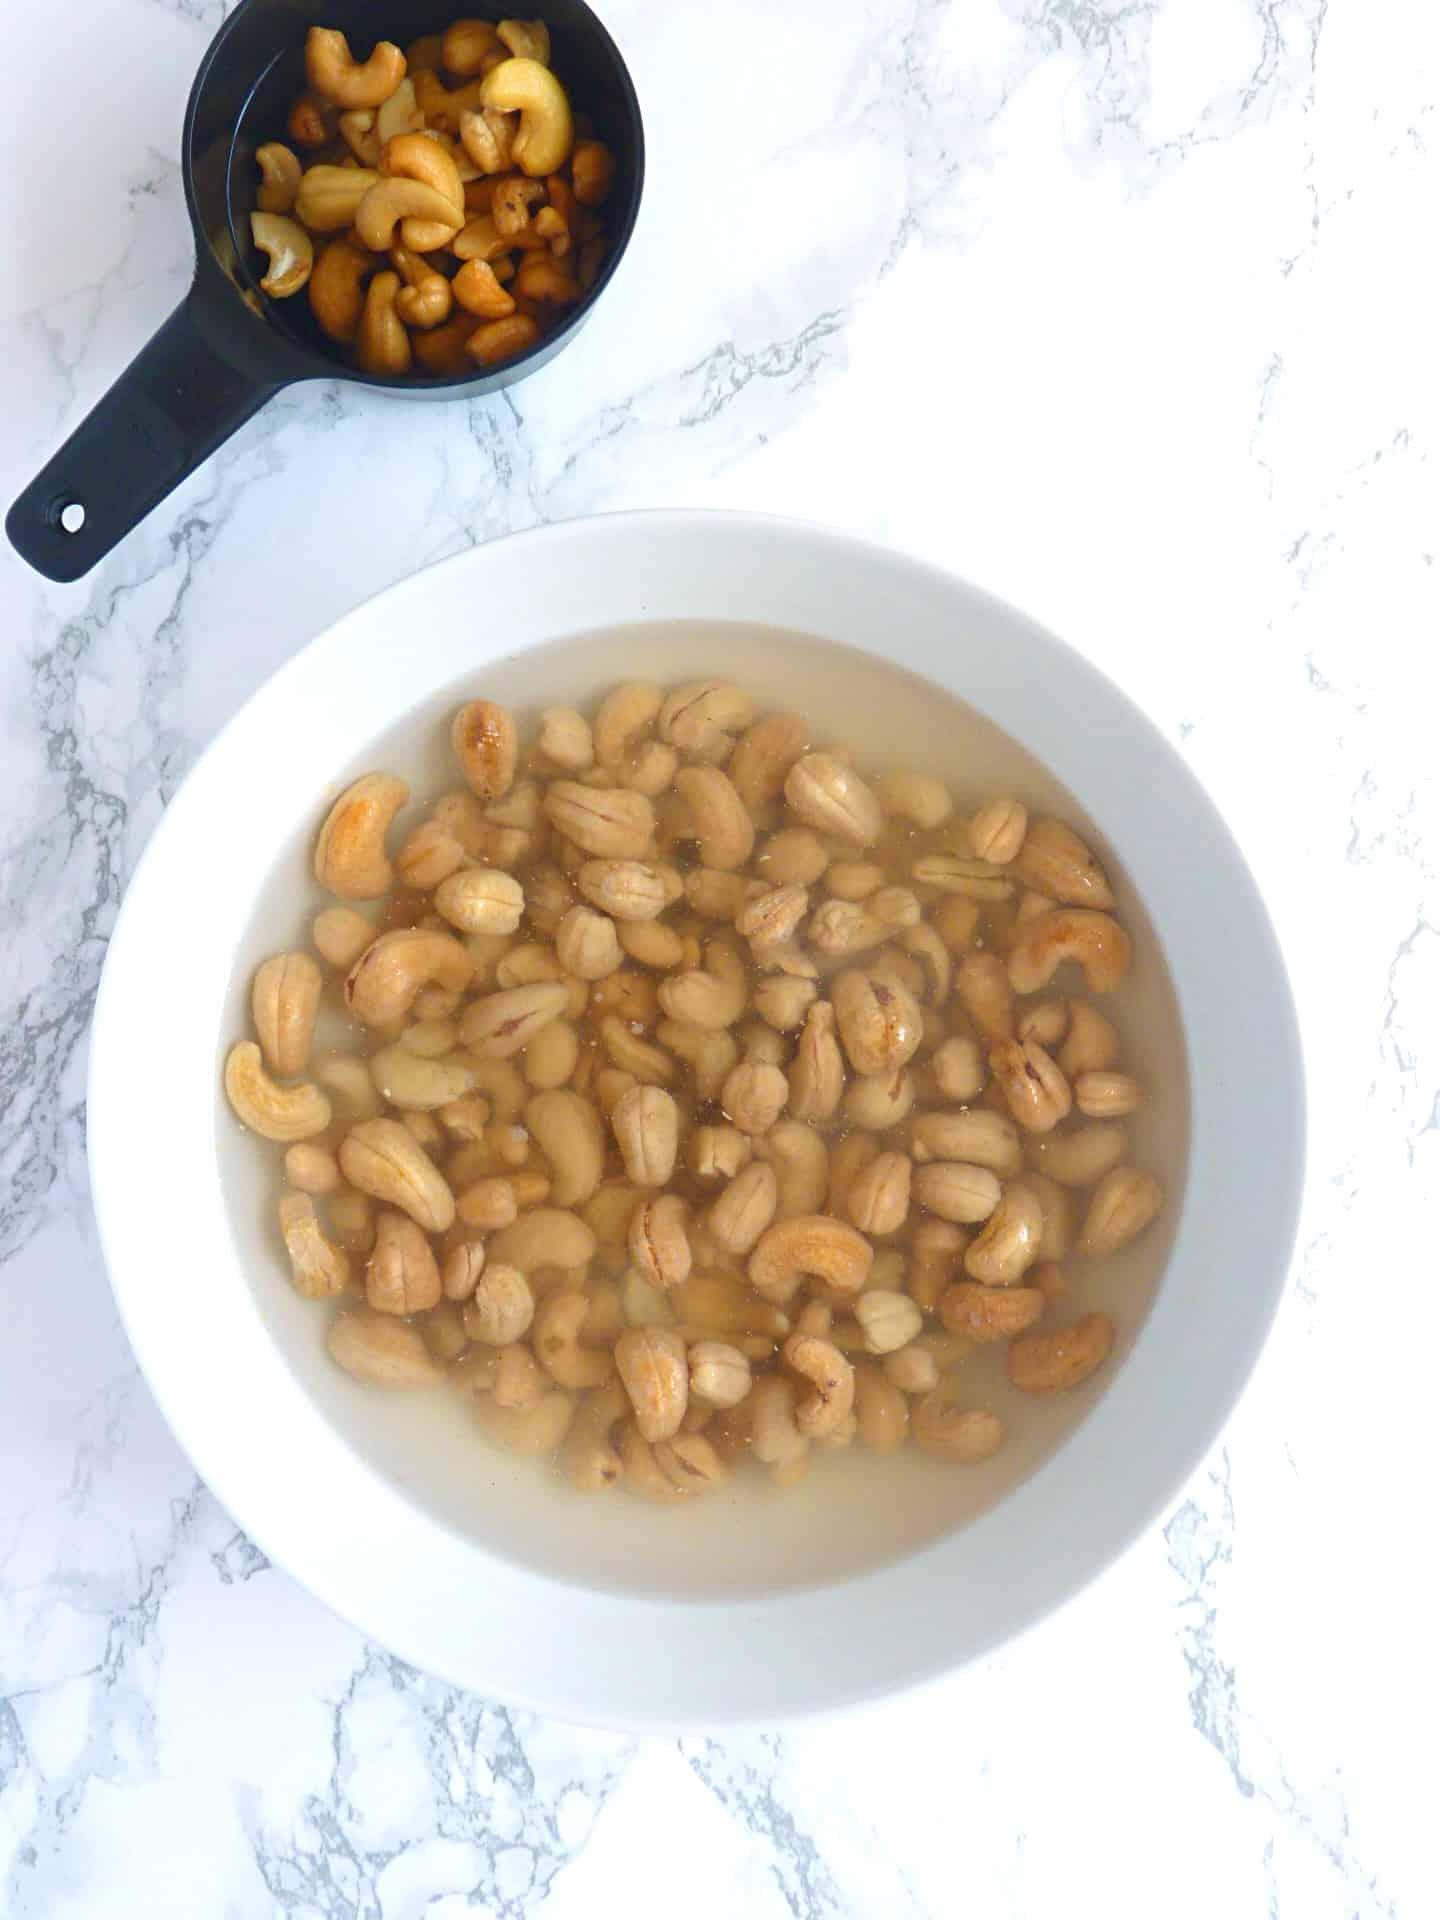 Cashews soaking for egg free mayo